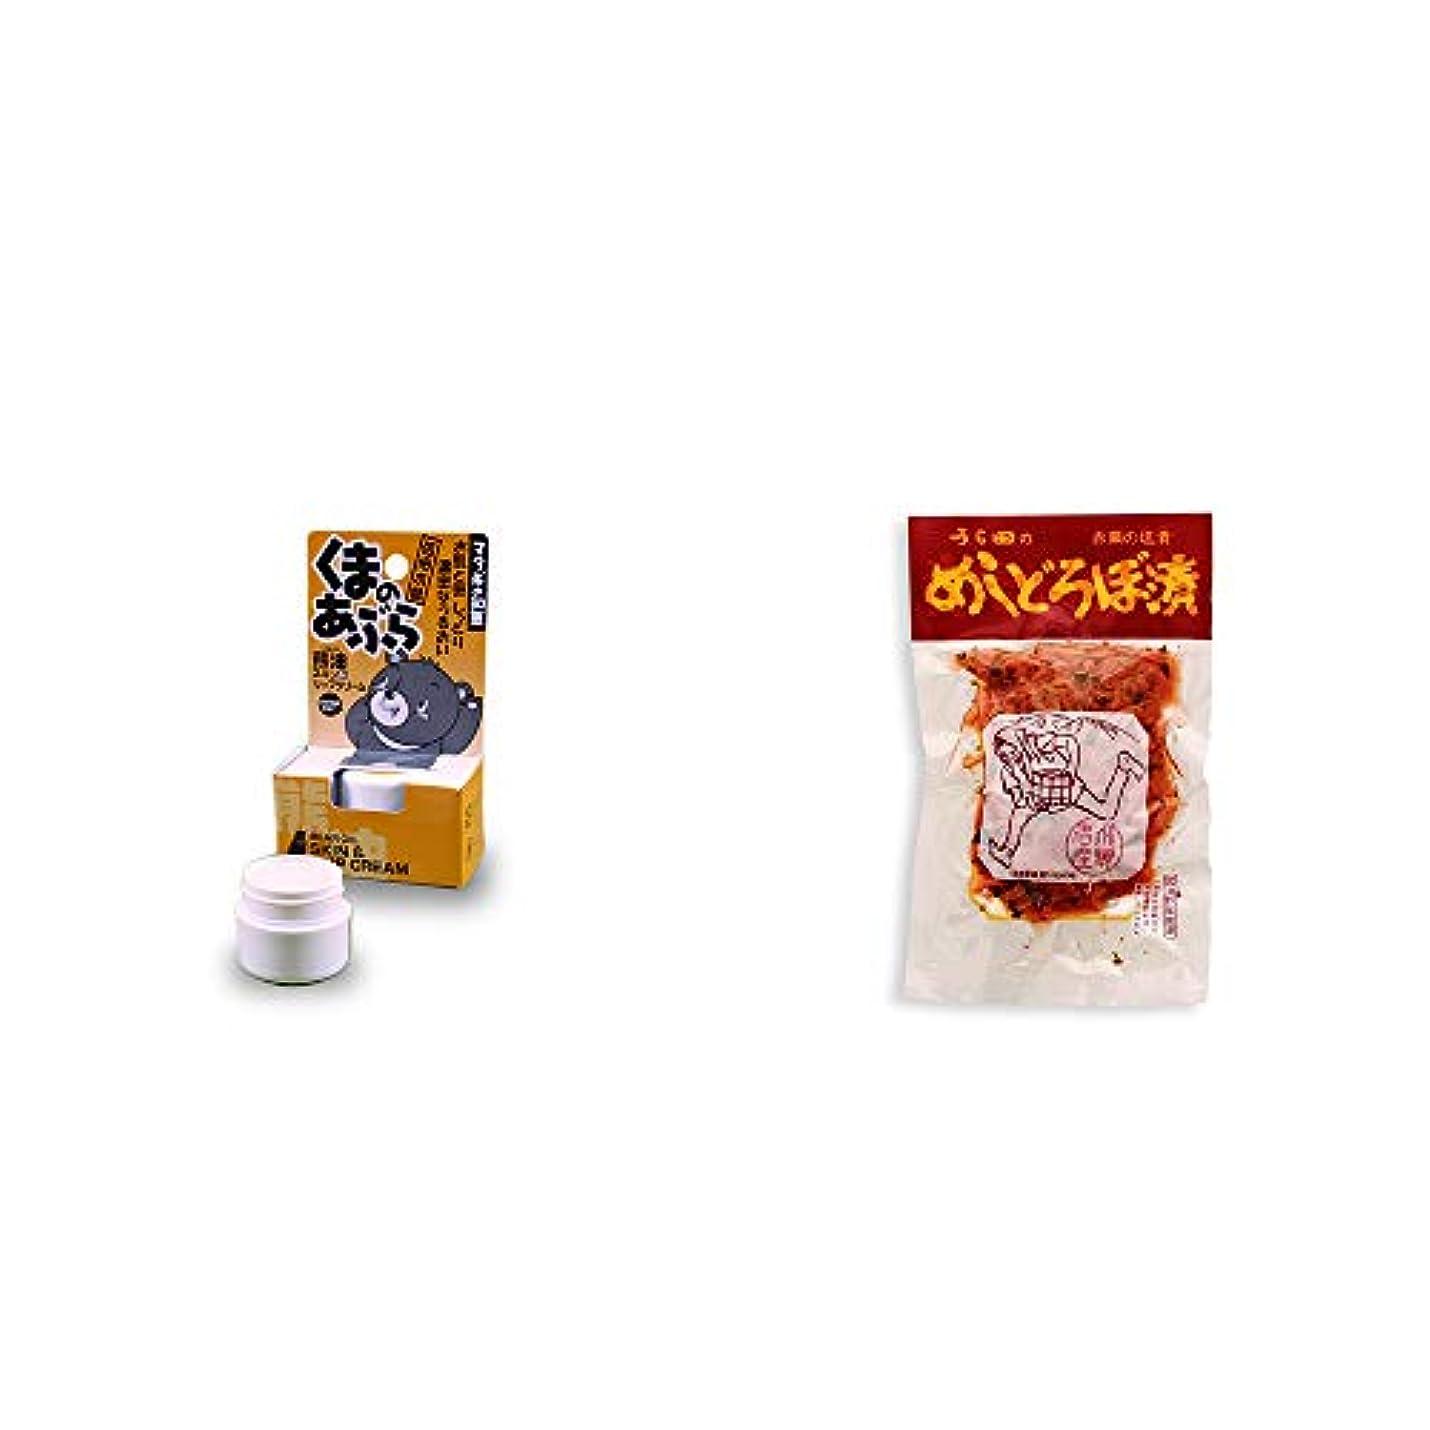 またはどちらか例示する髄[2点セット] 信州木曽 くまのあぶら 熊油スキン&リップクリーム(9g)?うら田 めしどろぼ漬(180g)